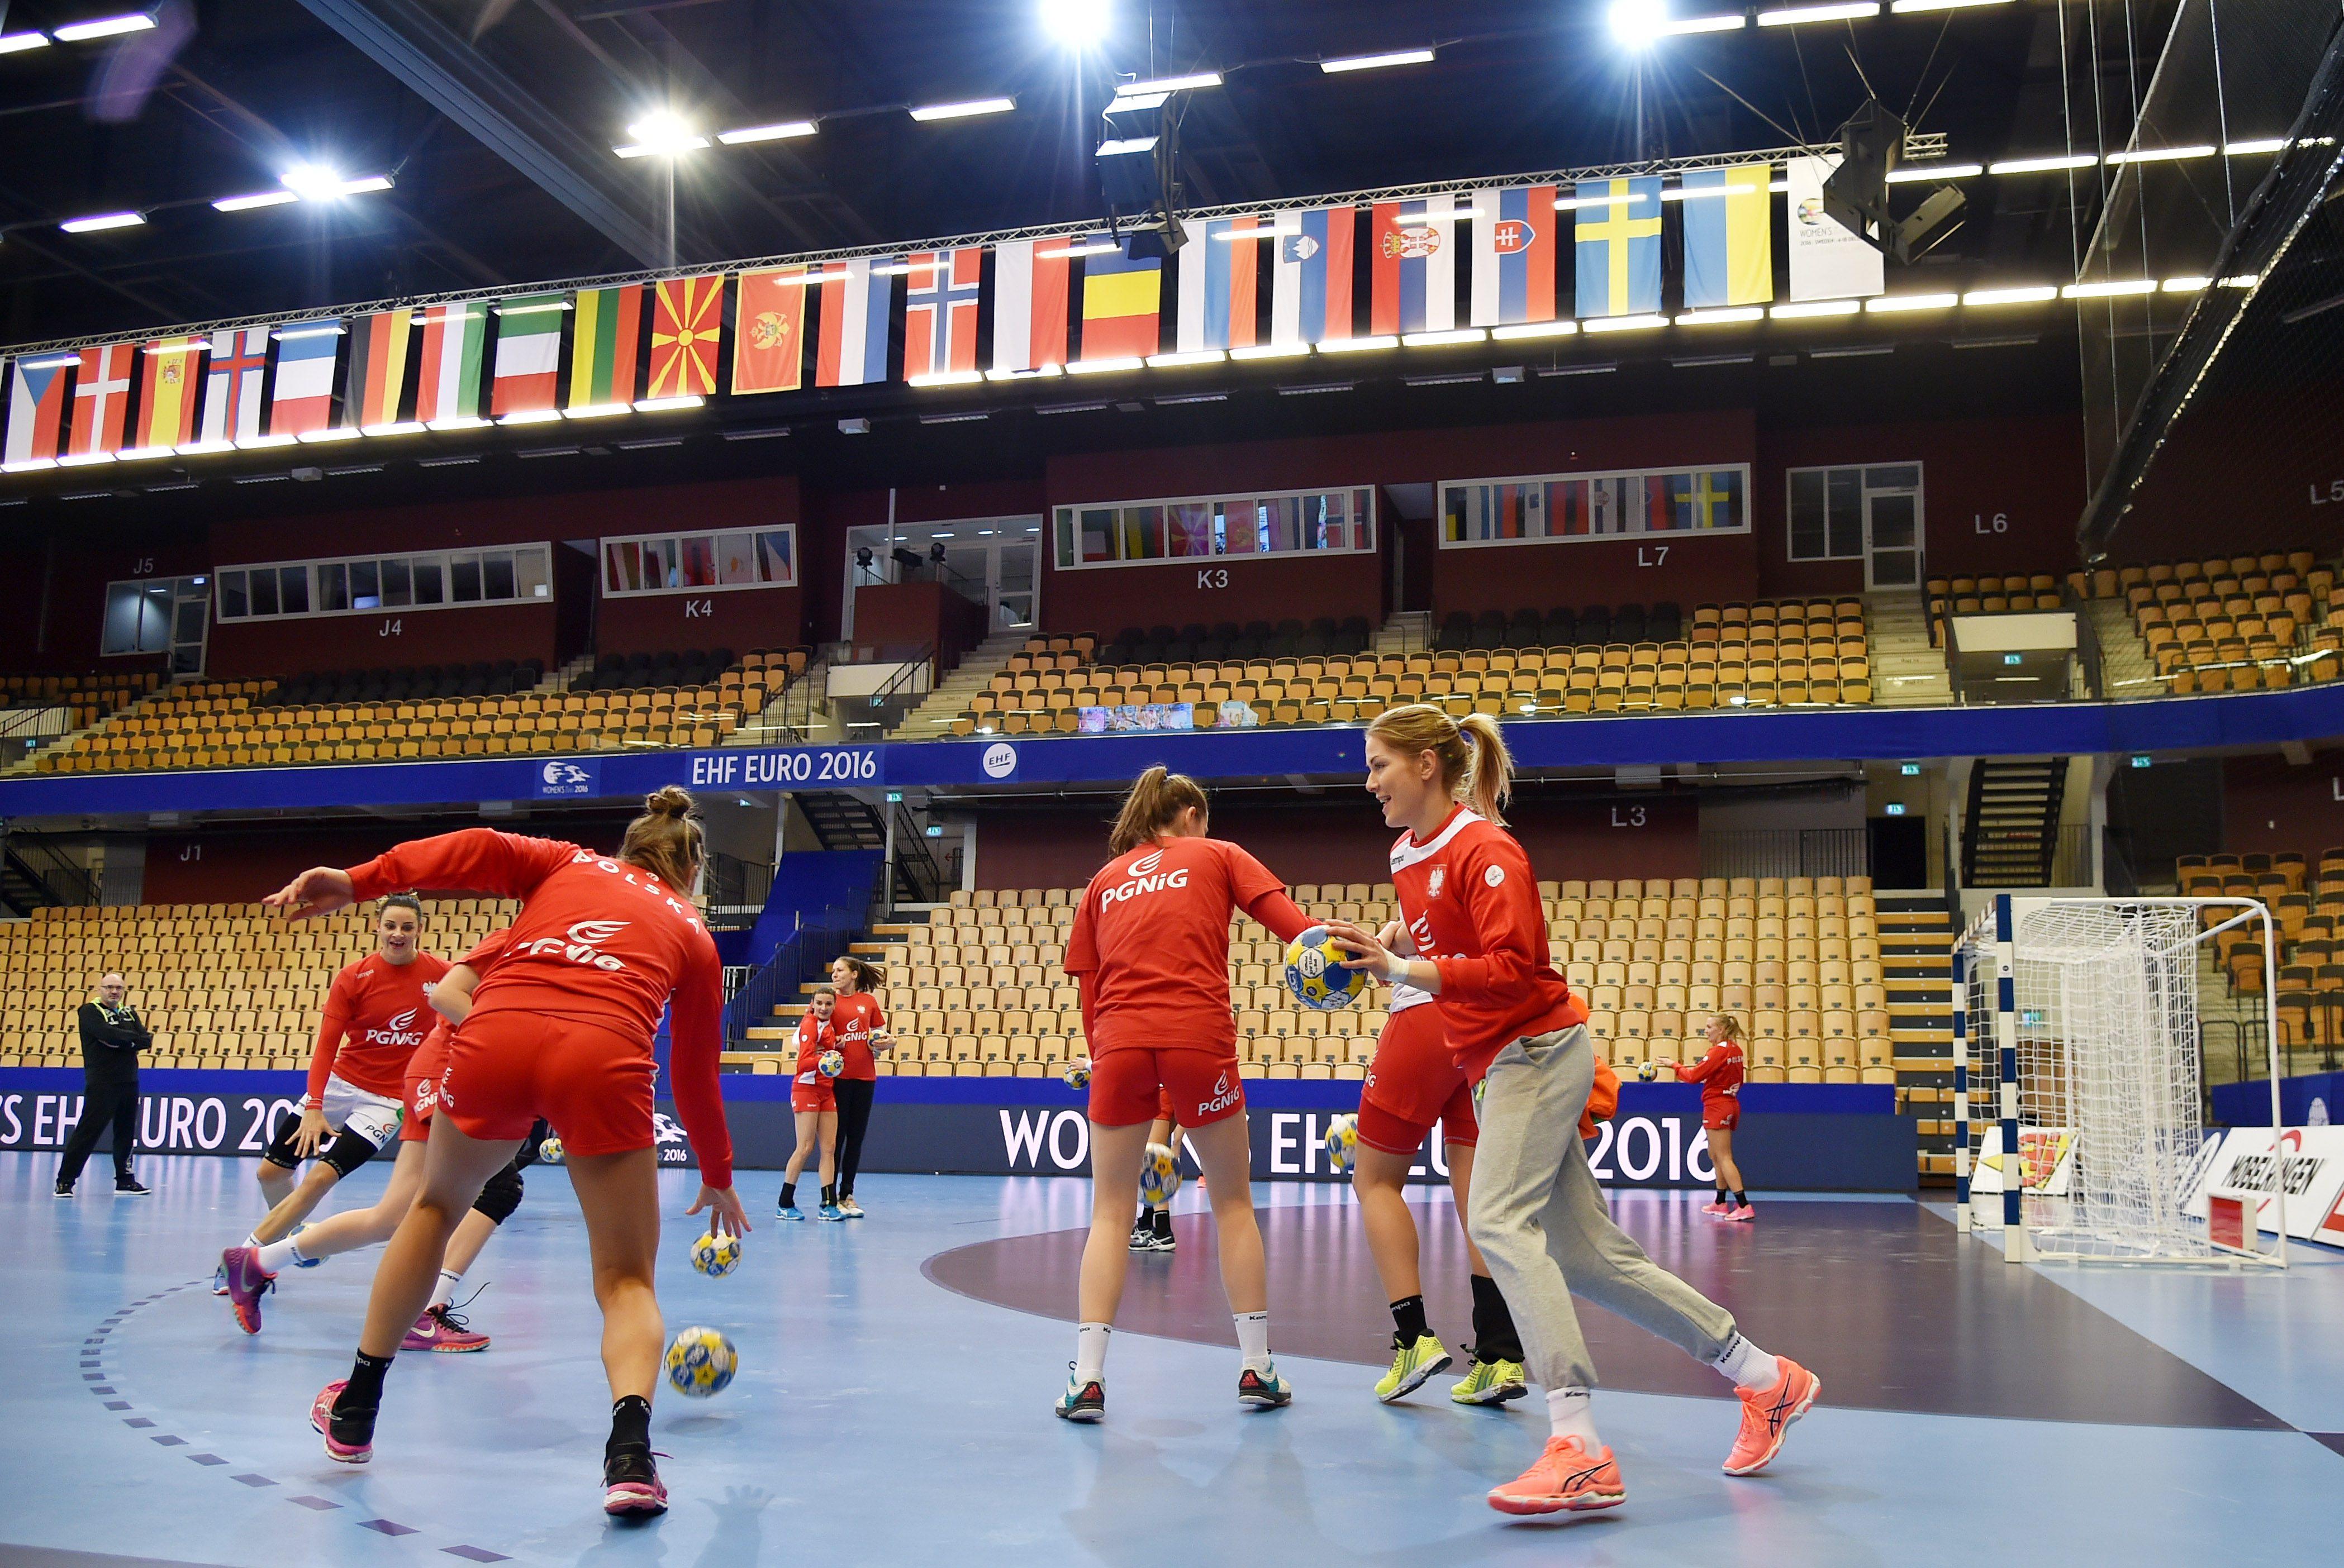 Trening reprezentacji Polski przed spotkaniem z Francja